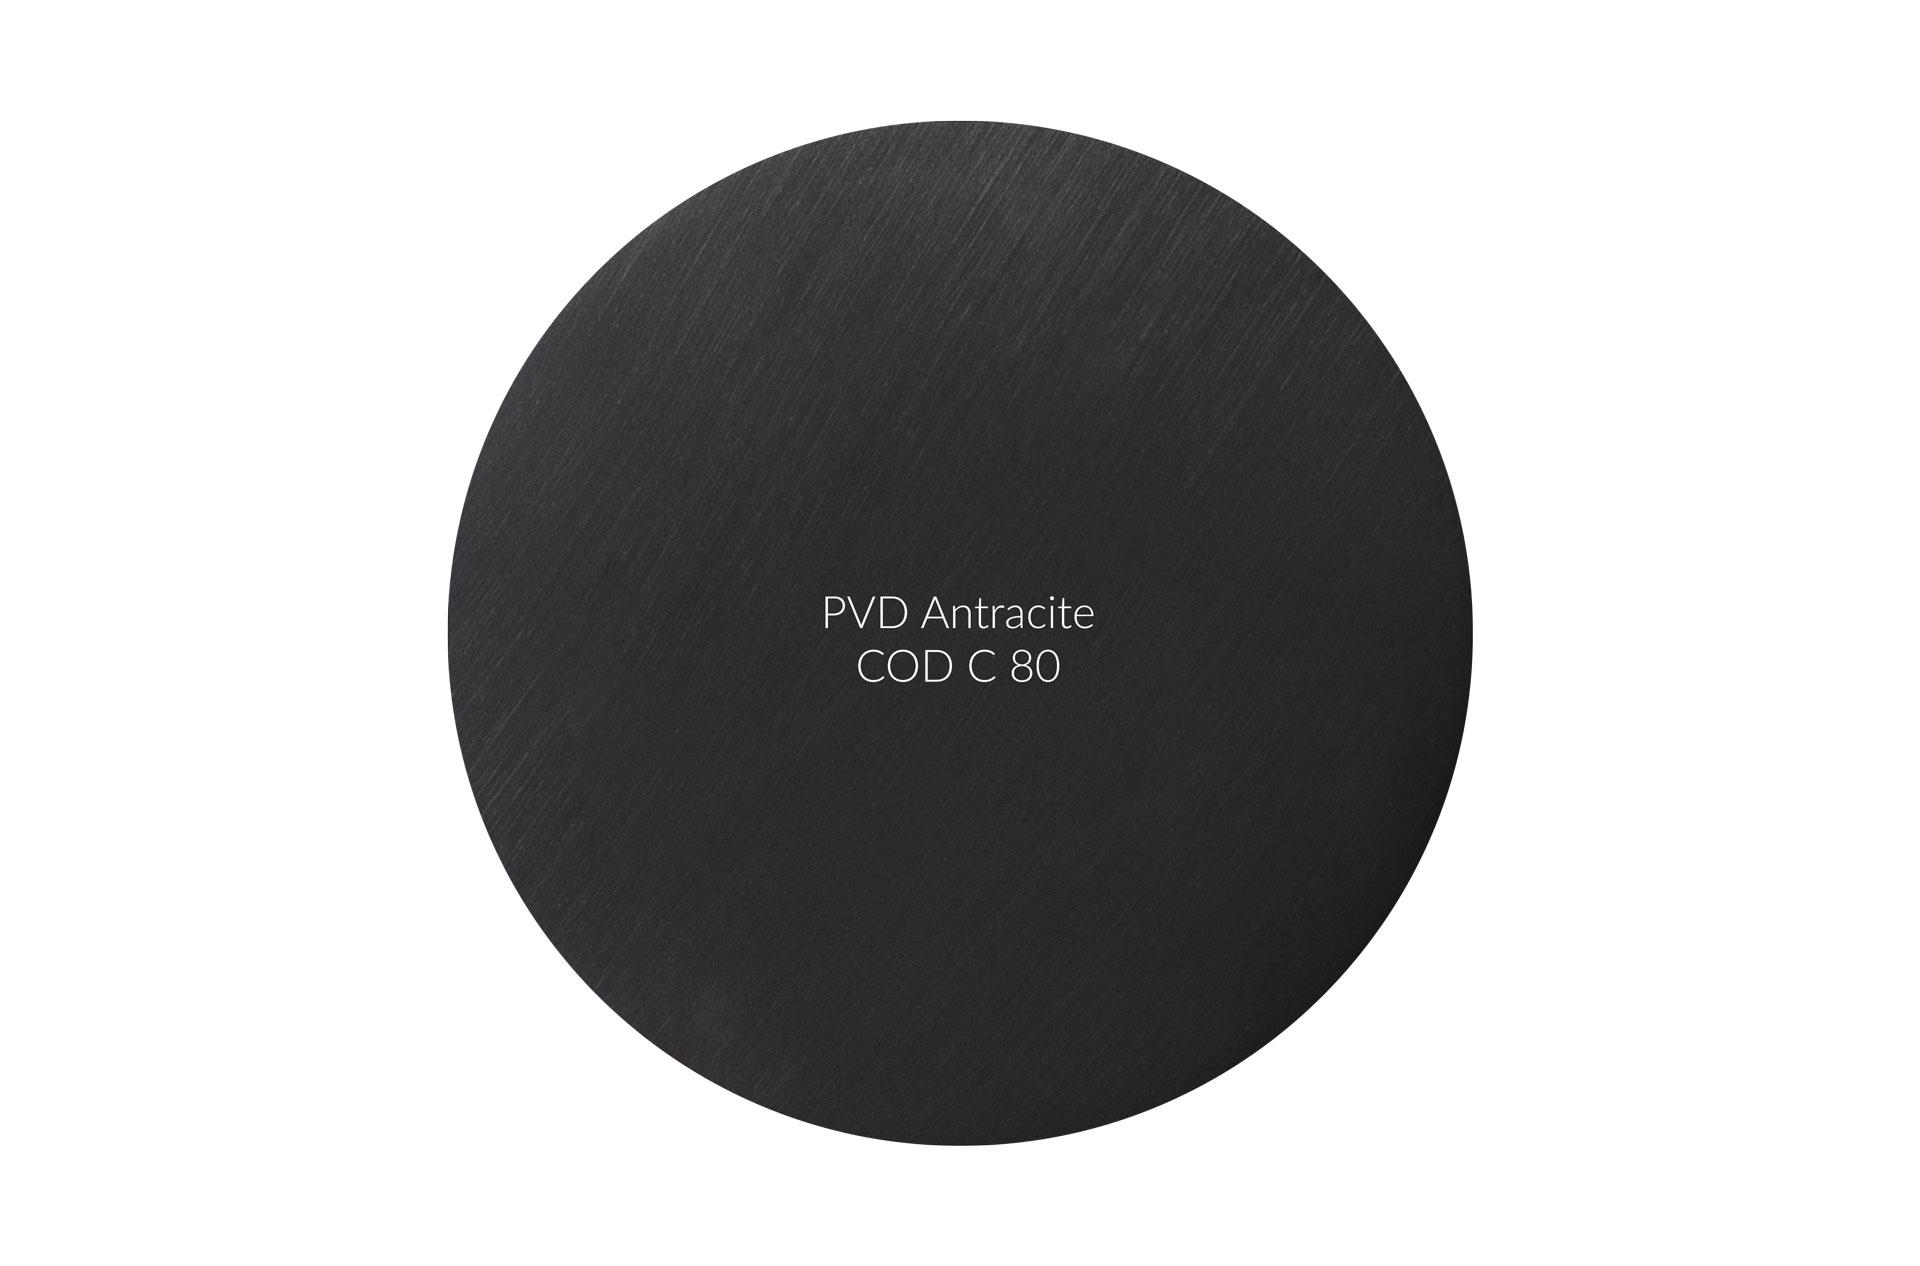 Dischetto PVD antracite cod C 80 graffiato